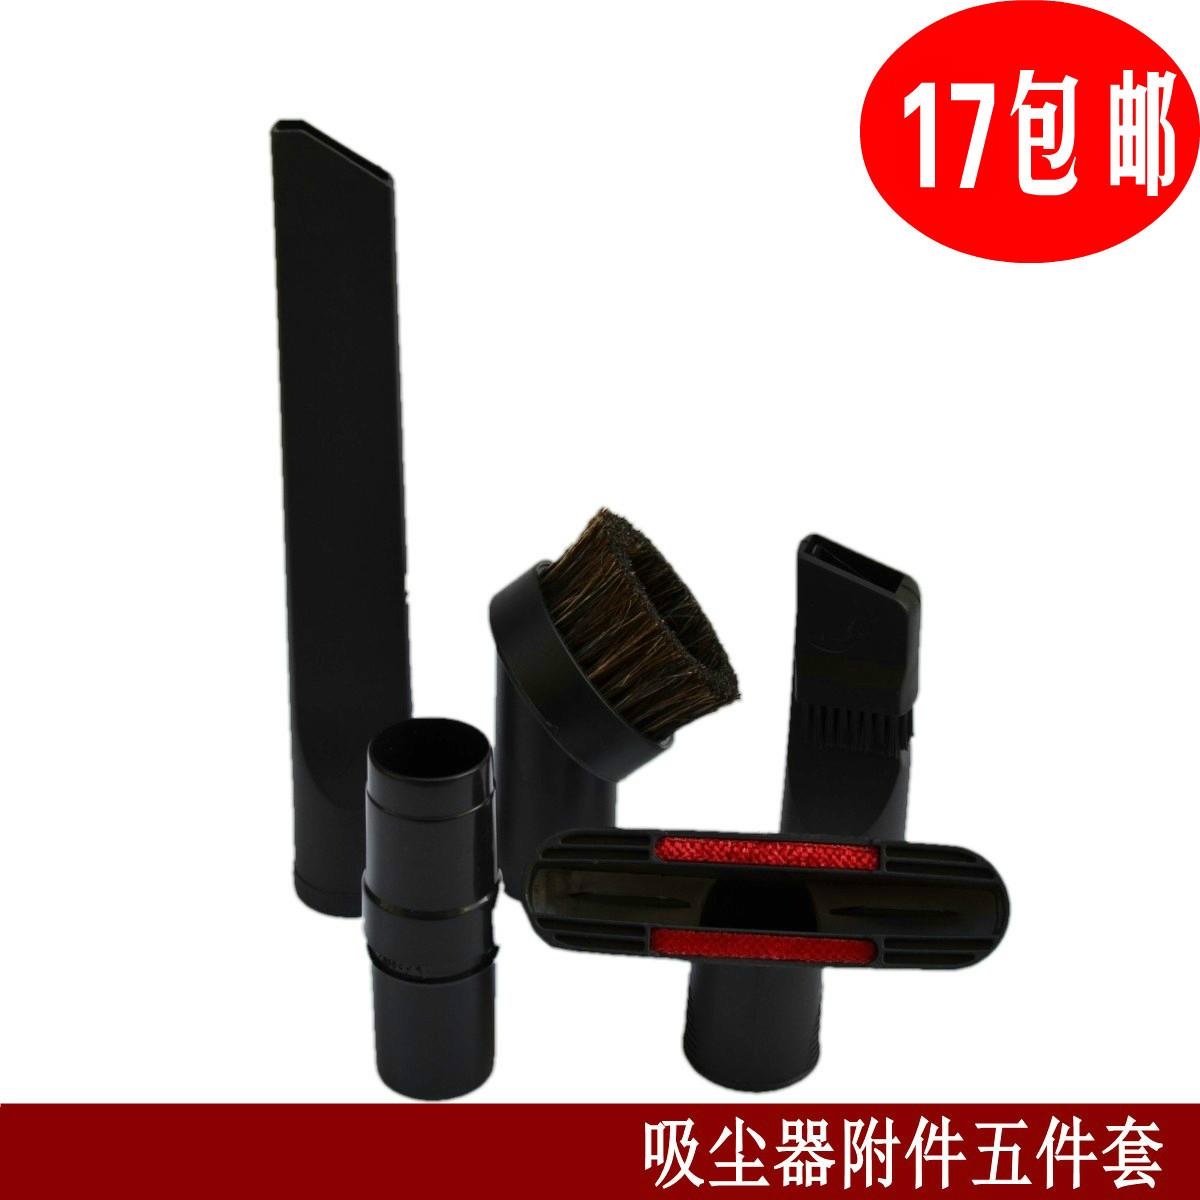 吸尘器配件五件套小吸头适配松下MC-CA291 MC-CG321 MC-CA293 301